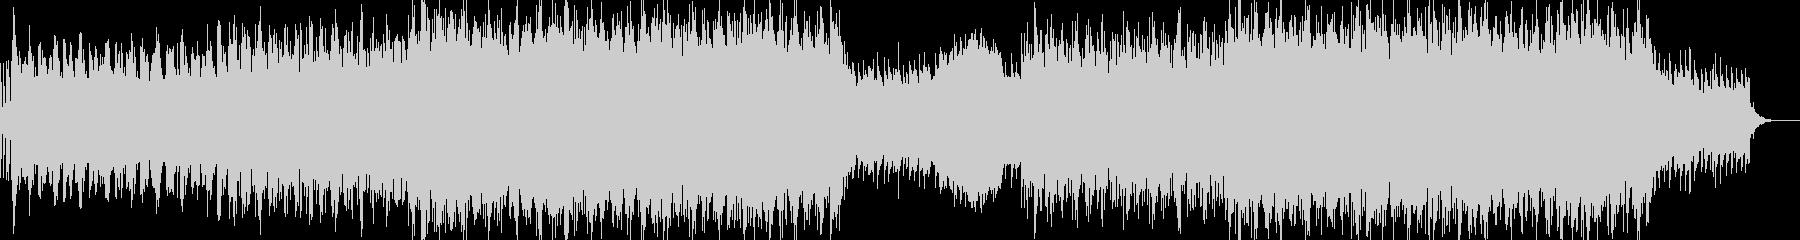 現代的で都会的なシンセミュージック-12の未再生の波形